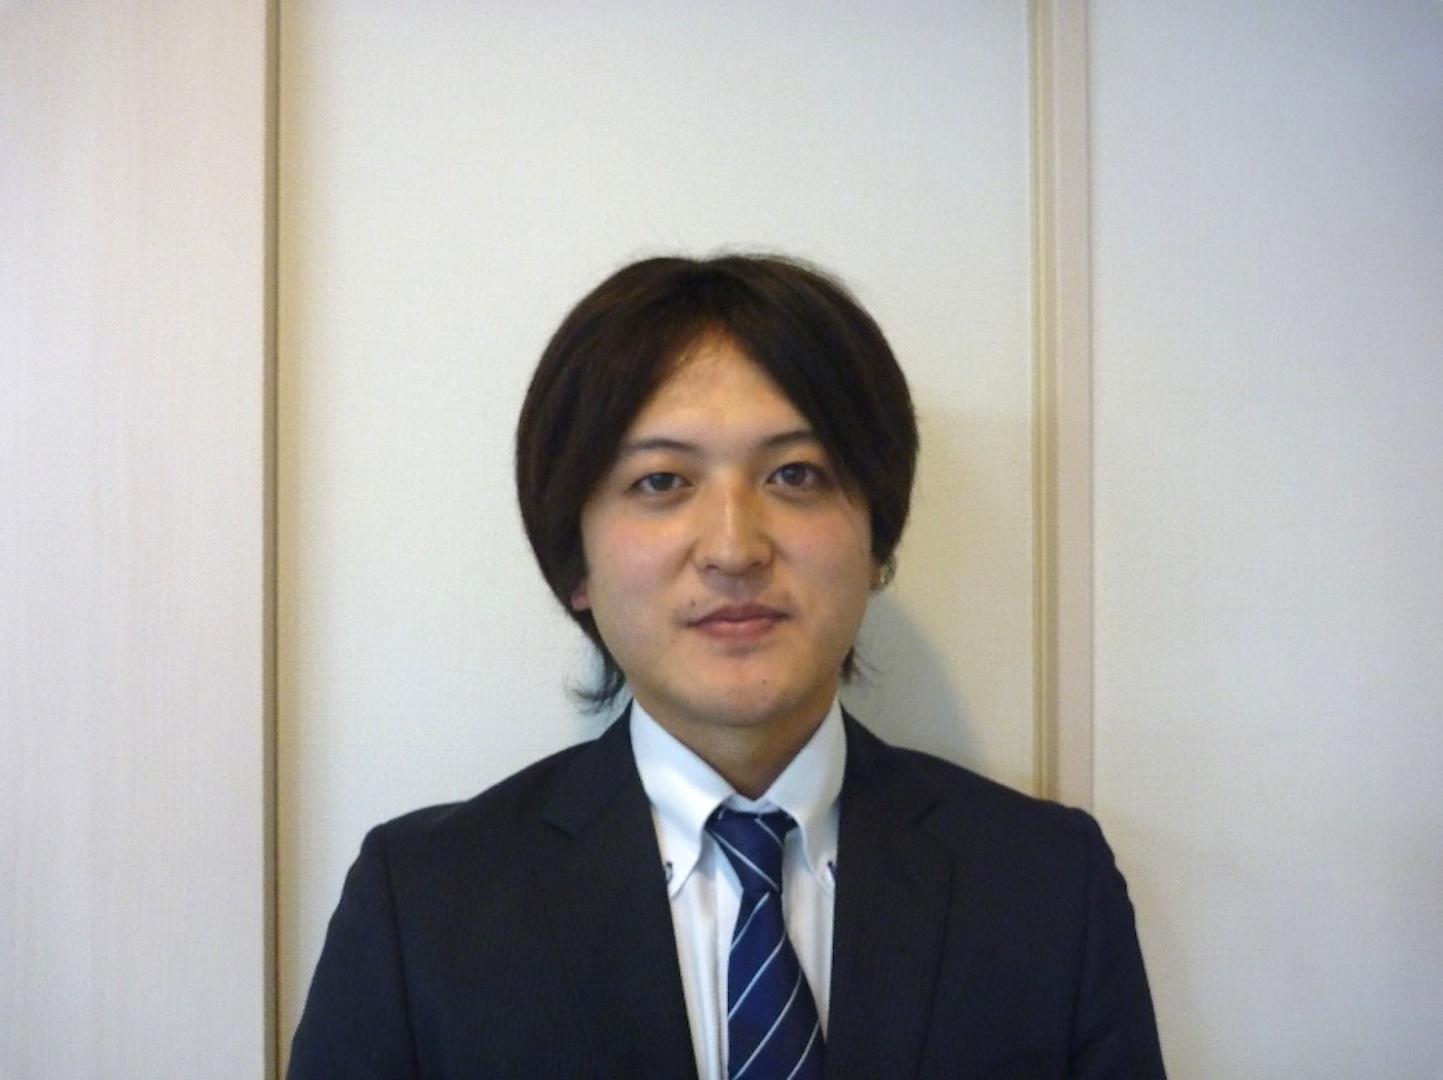 ニッケンホームで働くスタッフの紹介:営業部 早川 彰